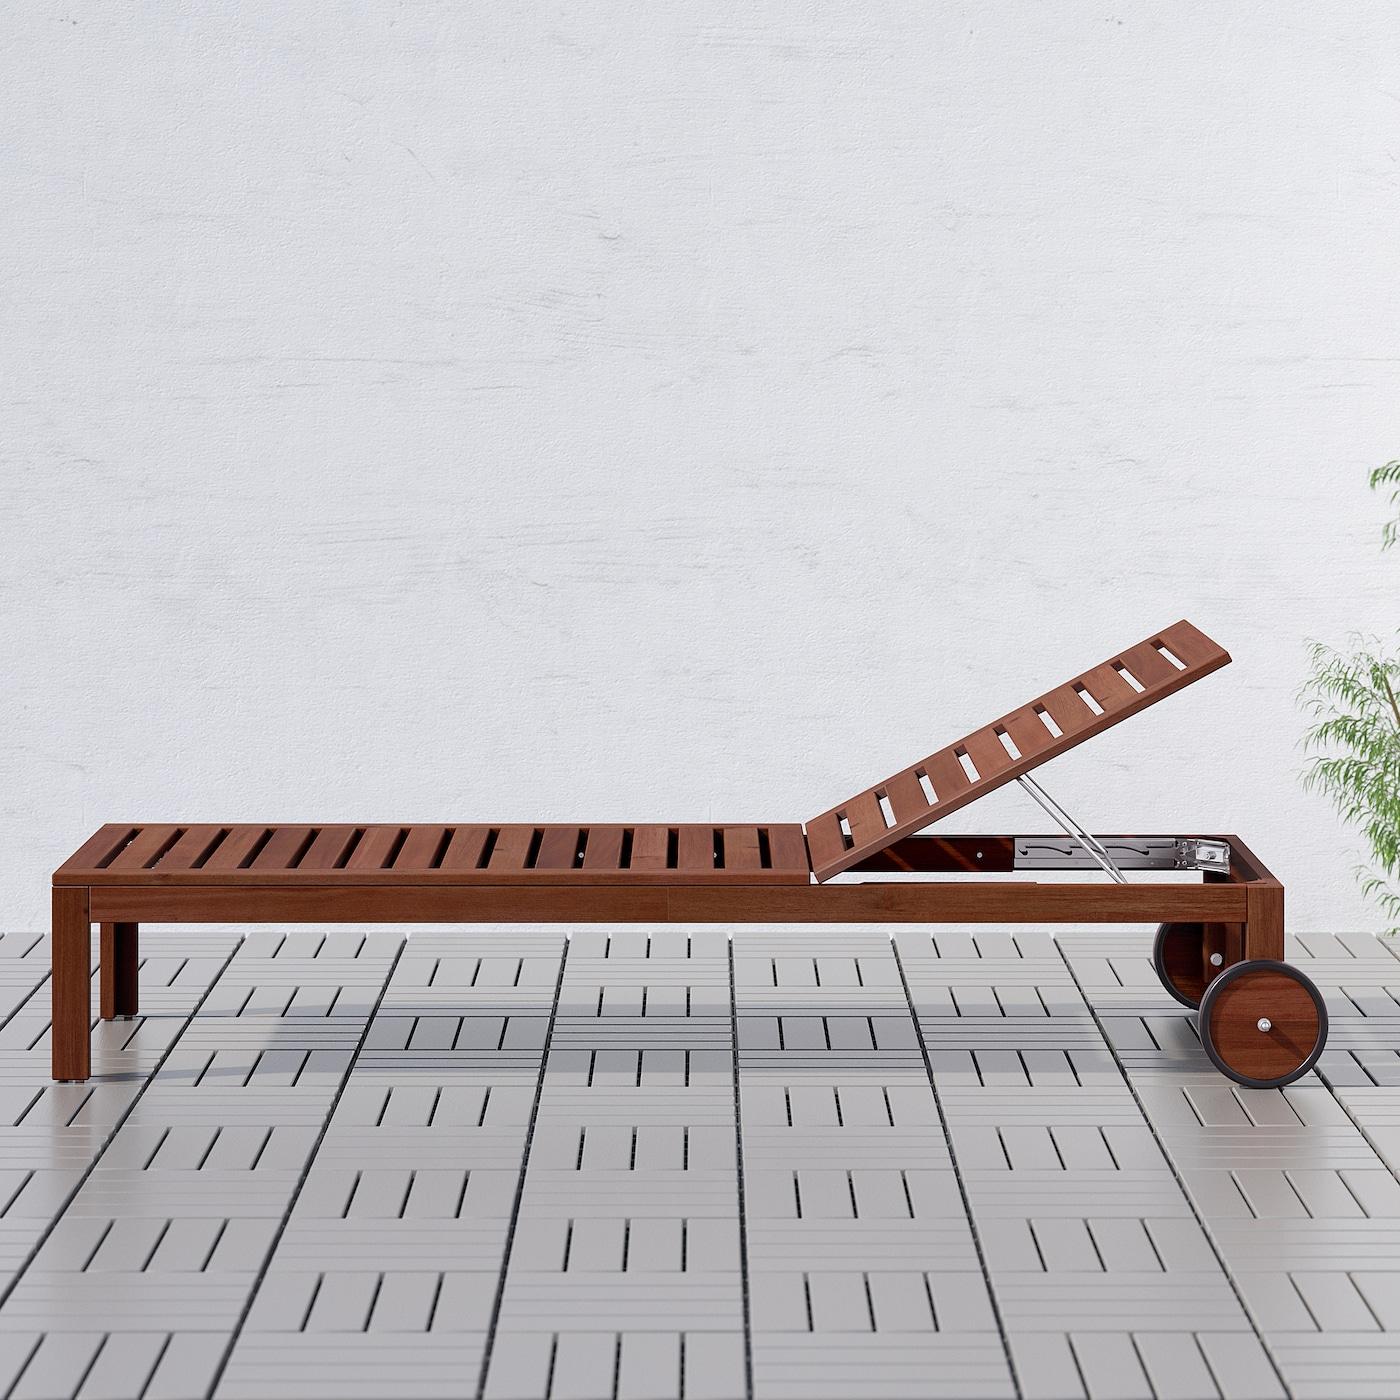 Full Size of Gartenliege Holz Ikea Pplar Sonnenliege Braun Las Deutschland Alu Fenster Garten Spielhaus Holzküche Loungemöbel Holzbank Betten Aus Küche Modern Preise Wohnzimmer Gartenliege Holz Ikea